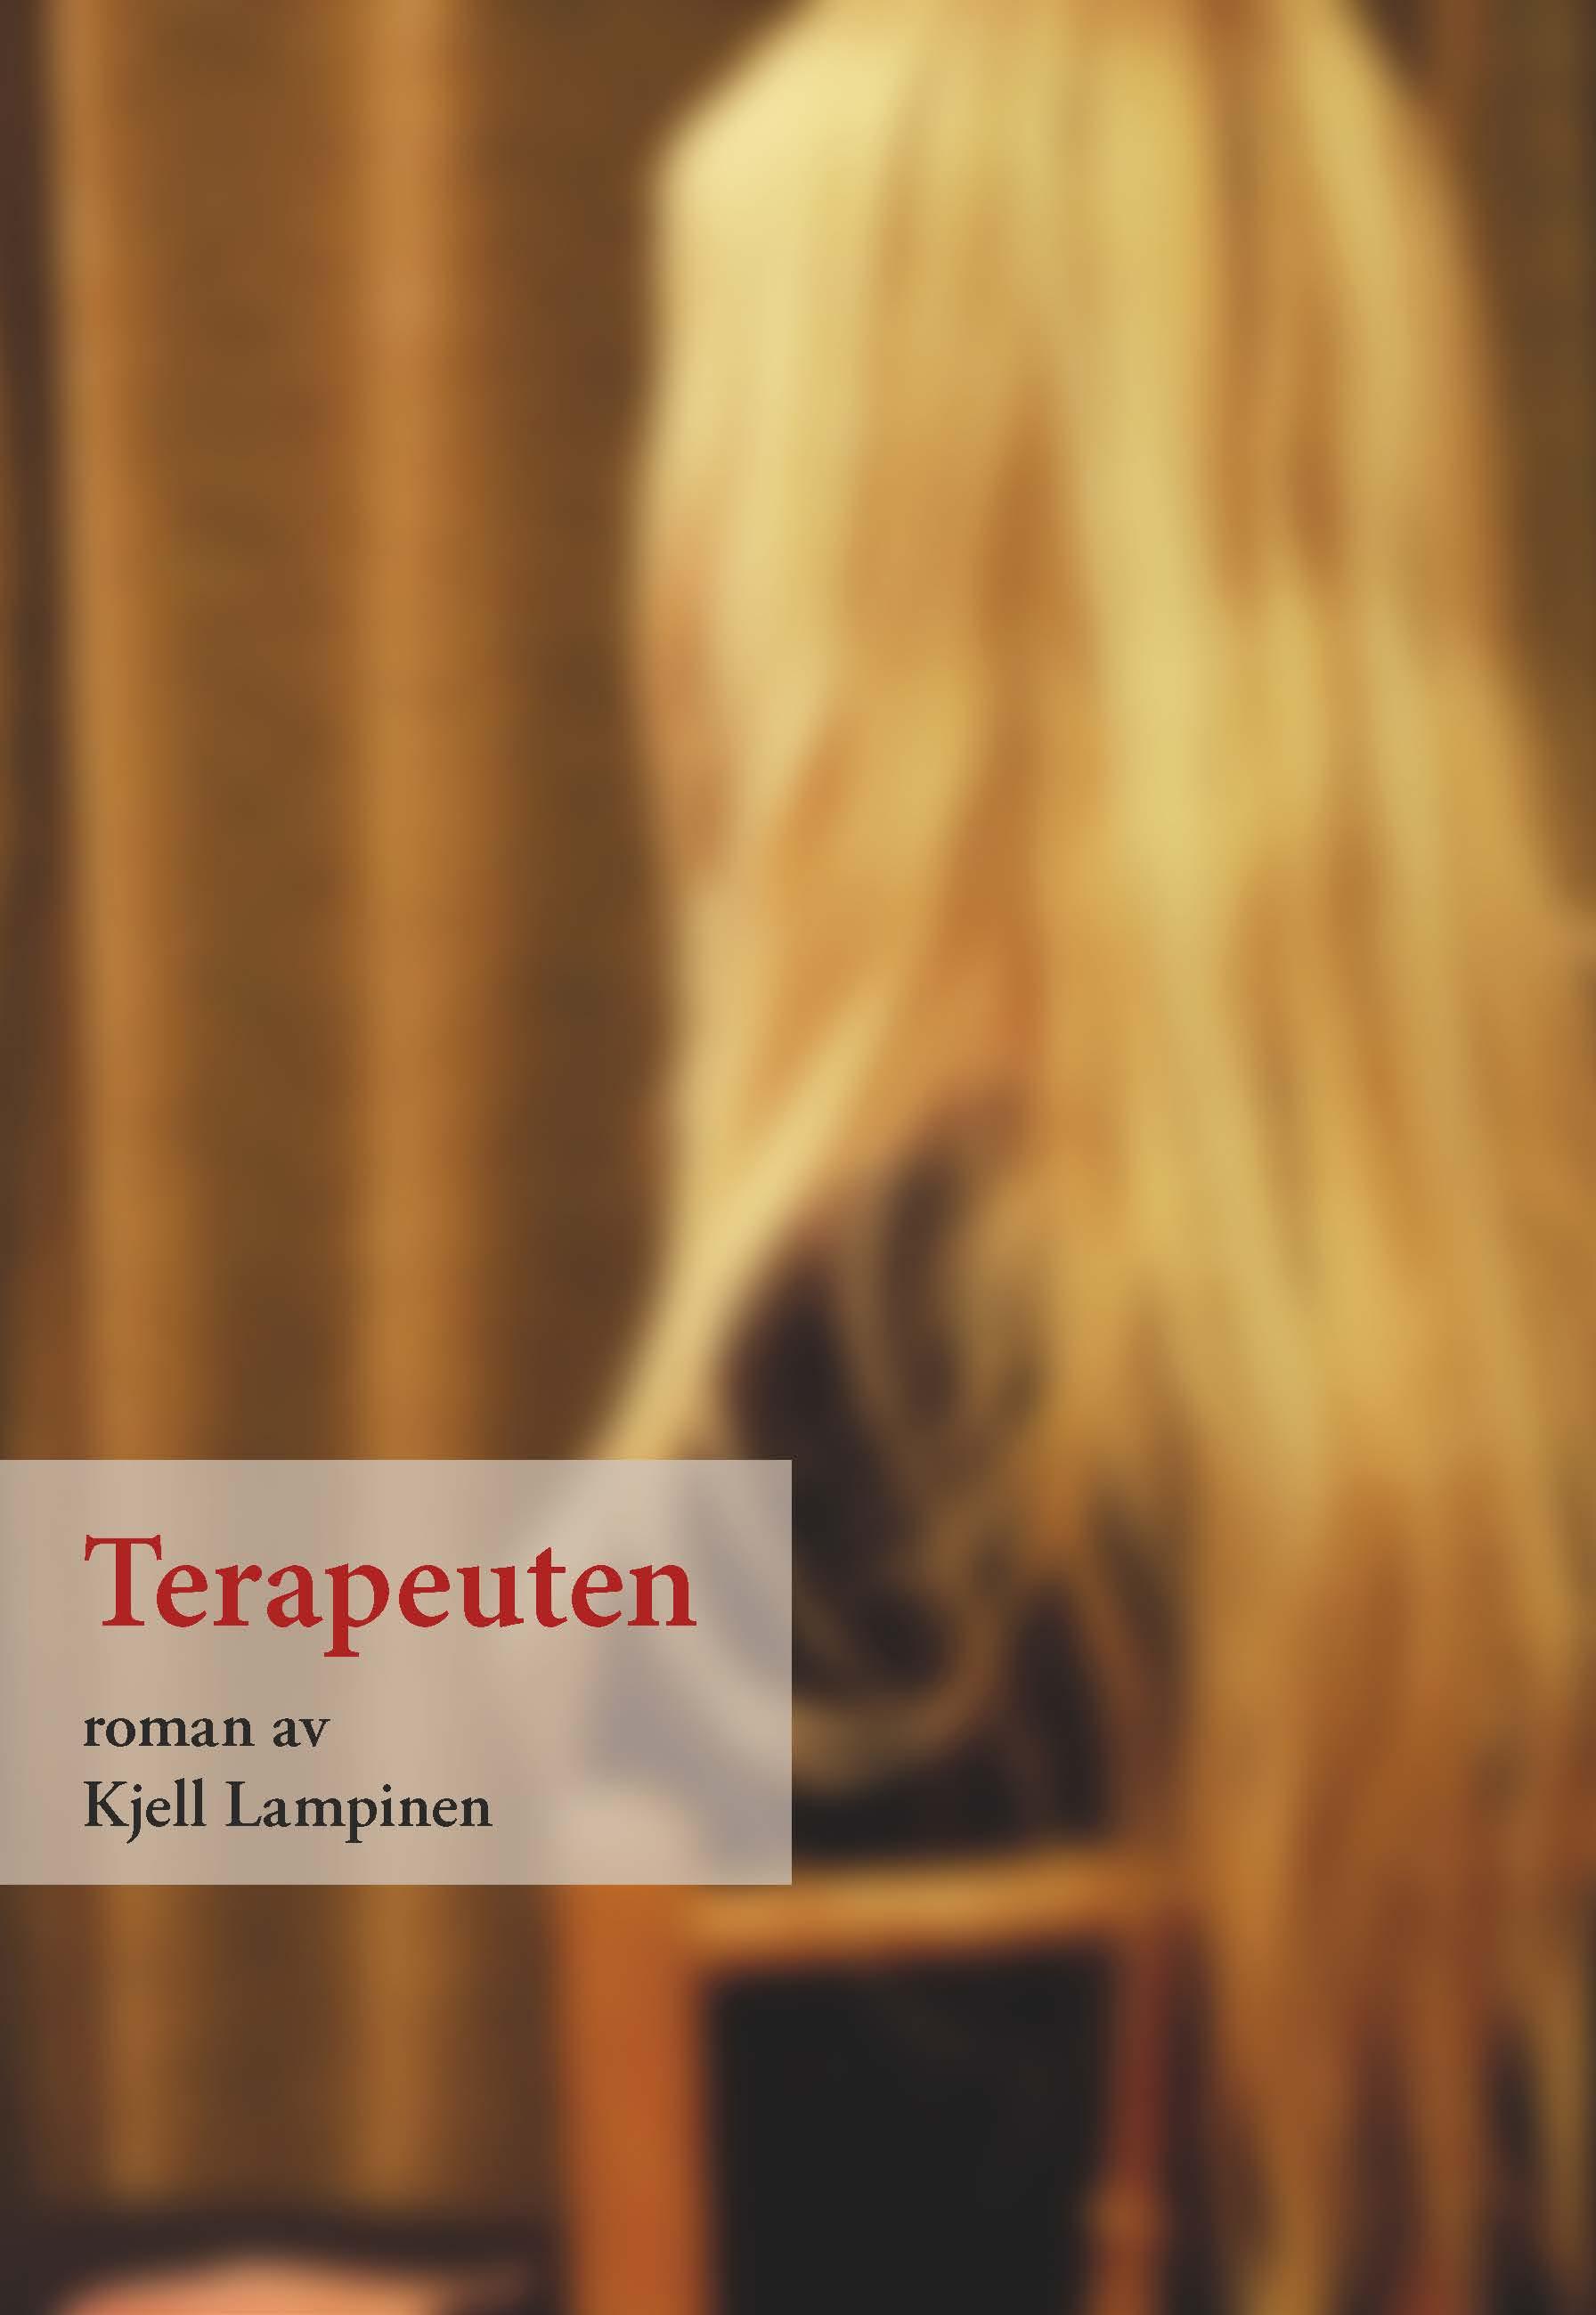 Terapeuten av Kjell Lampinen